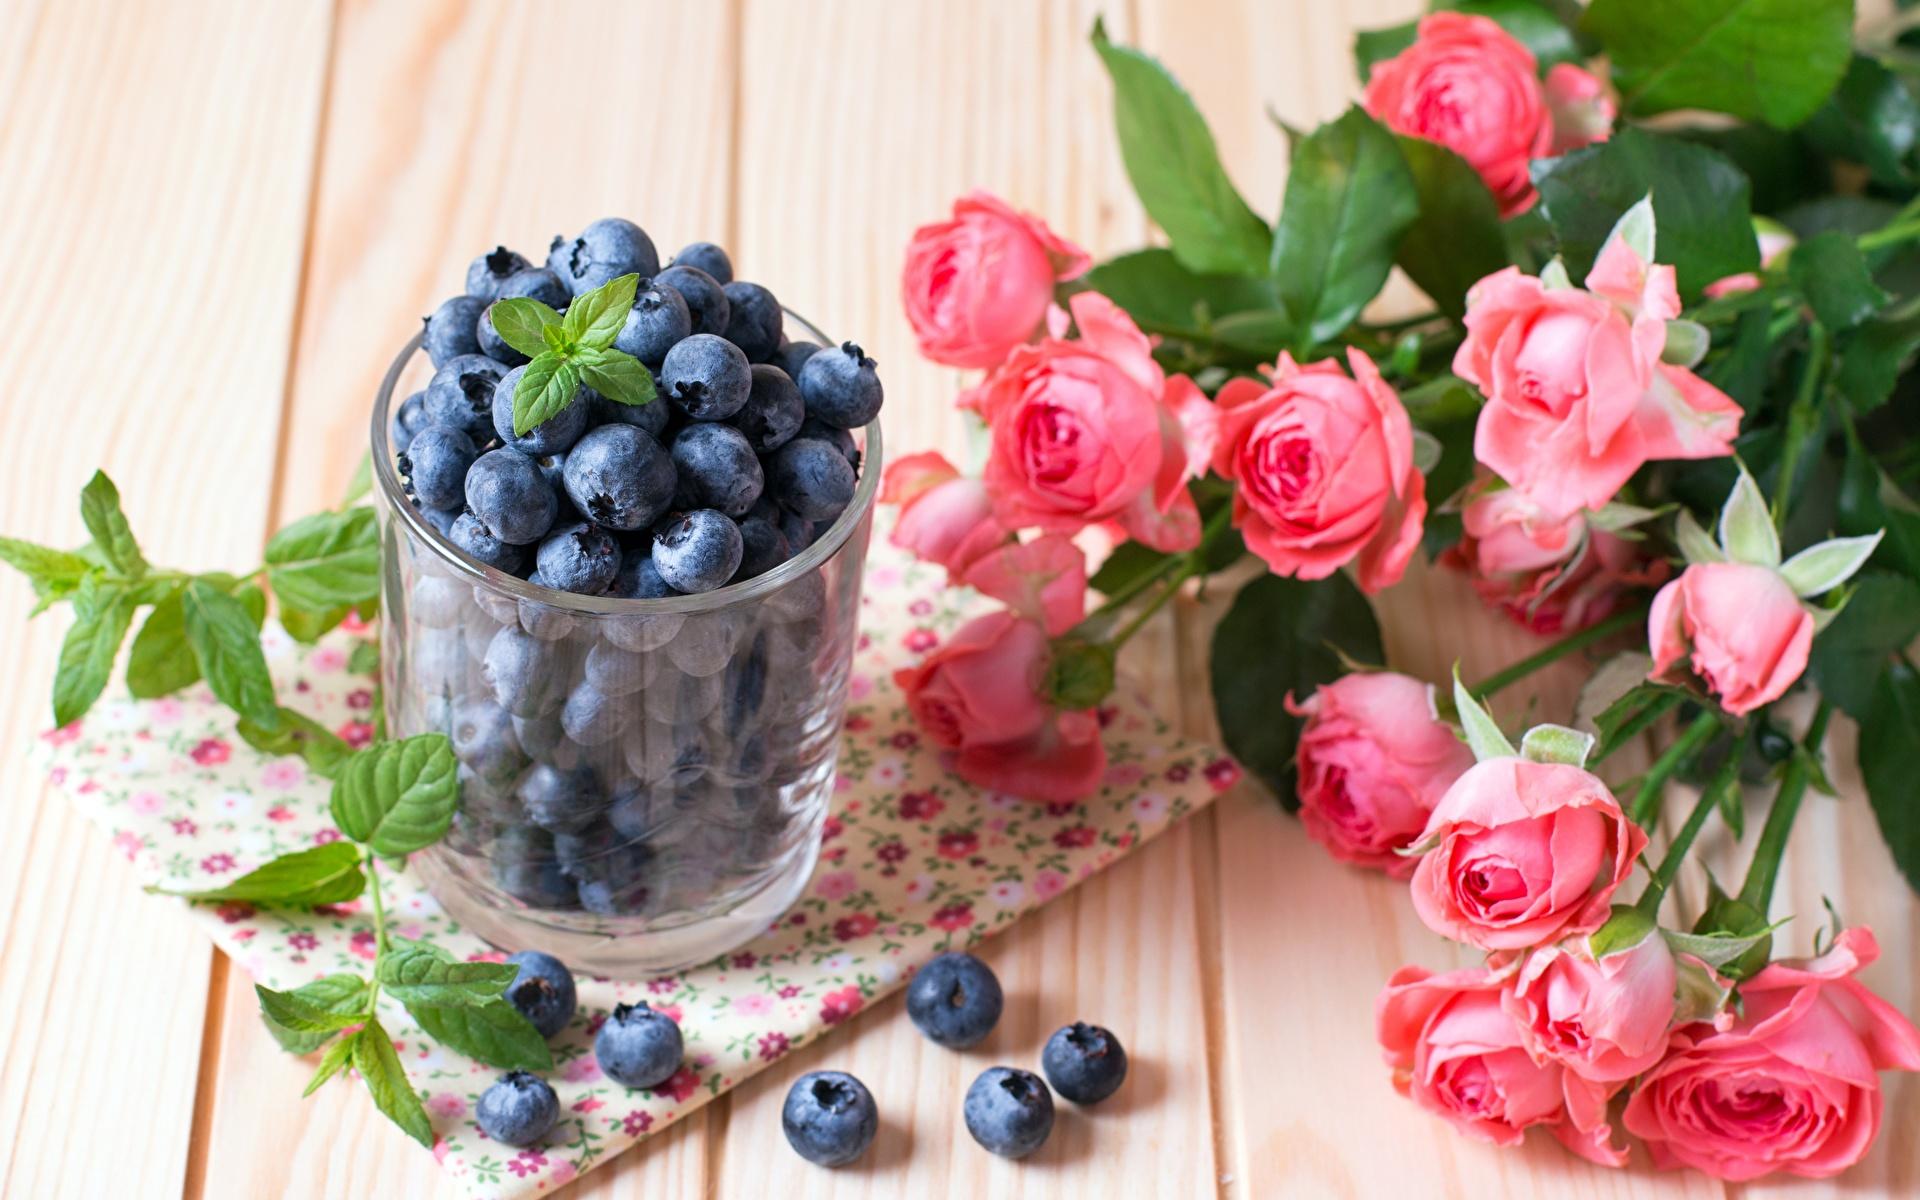 Фотография букет Розы Цветы Стакан Черника Ягоды Продукты питания 1920x1200 Букеты роза цветок стакане стакана Еда Пища